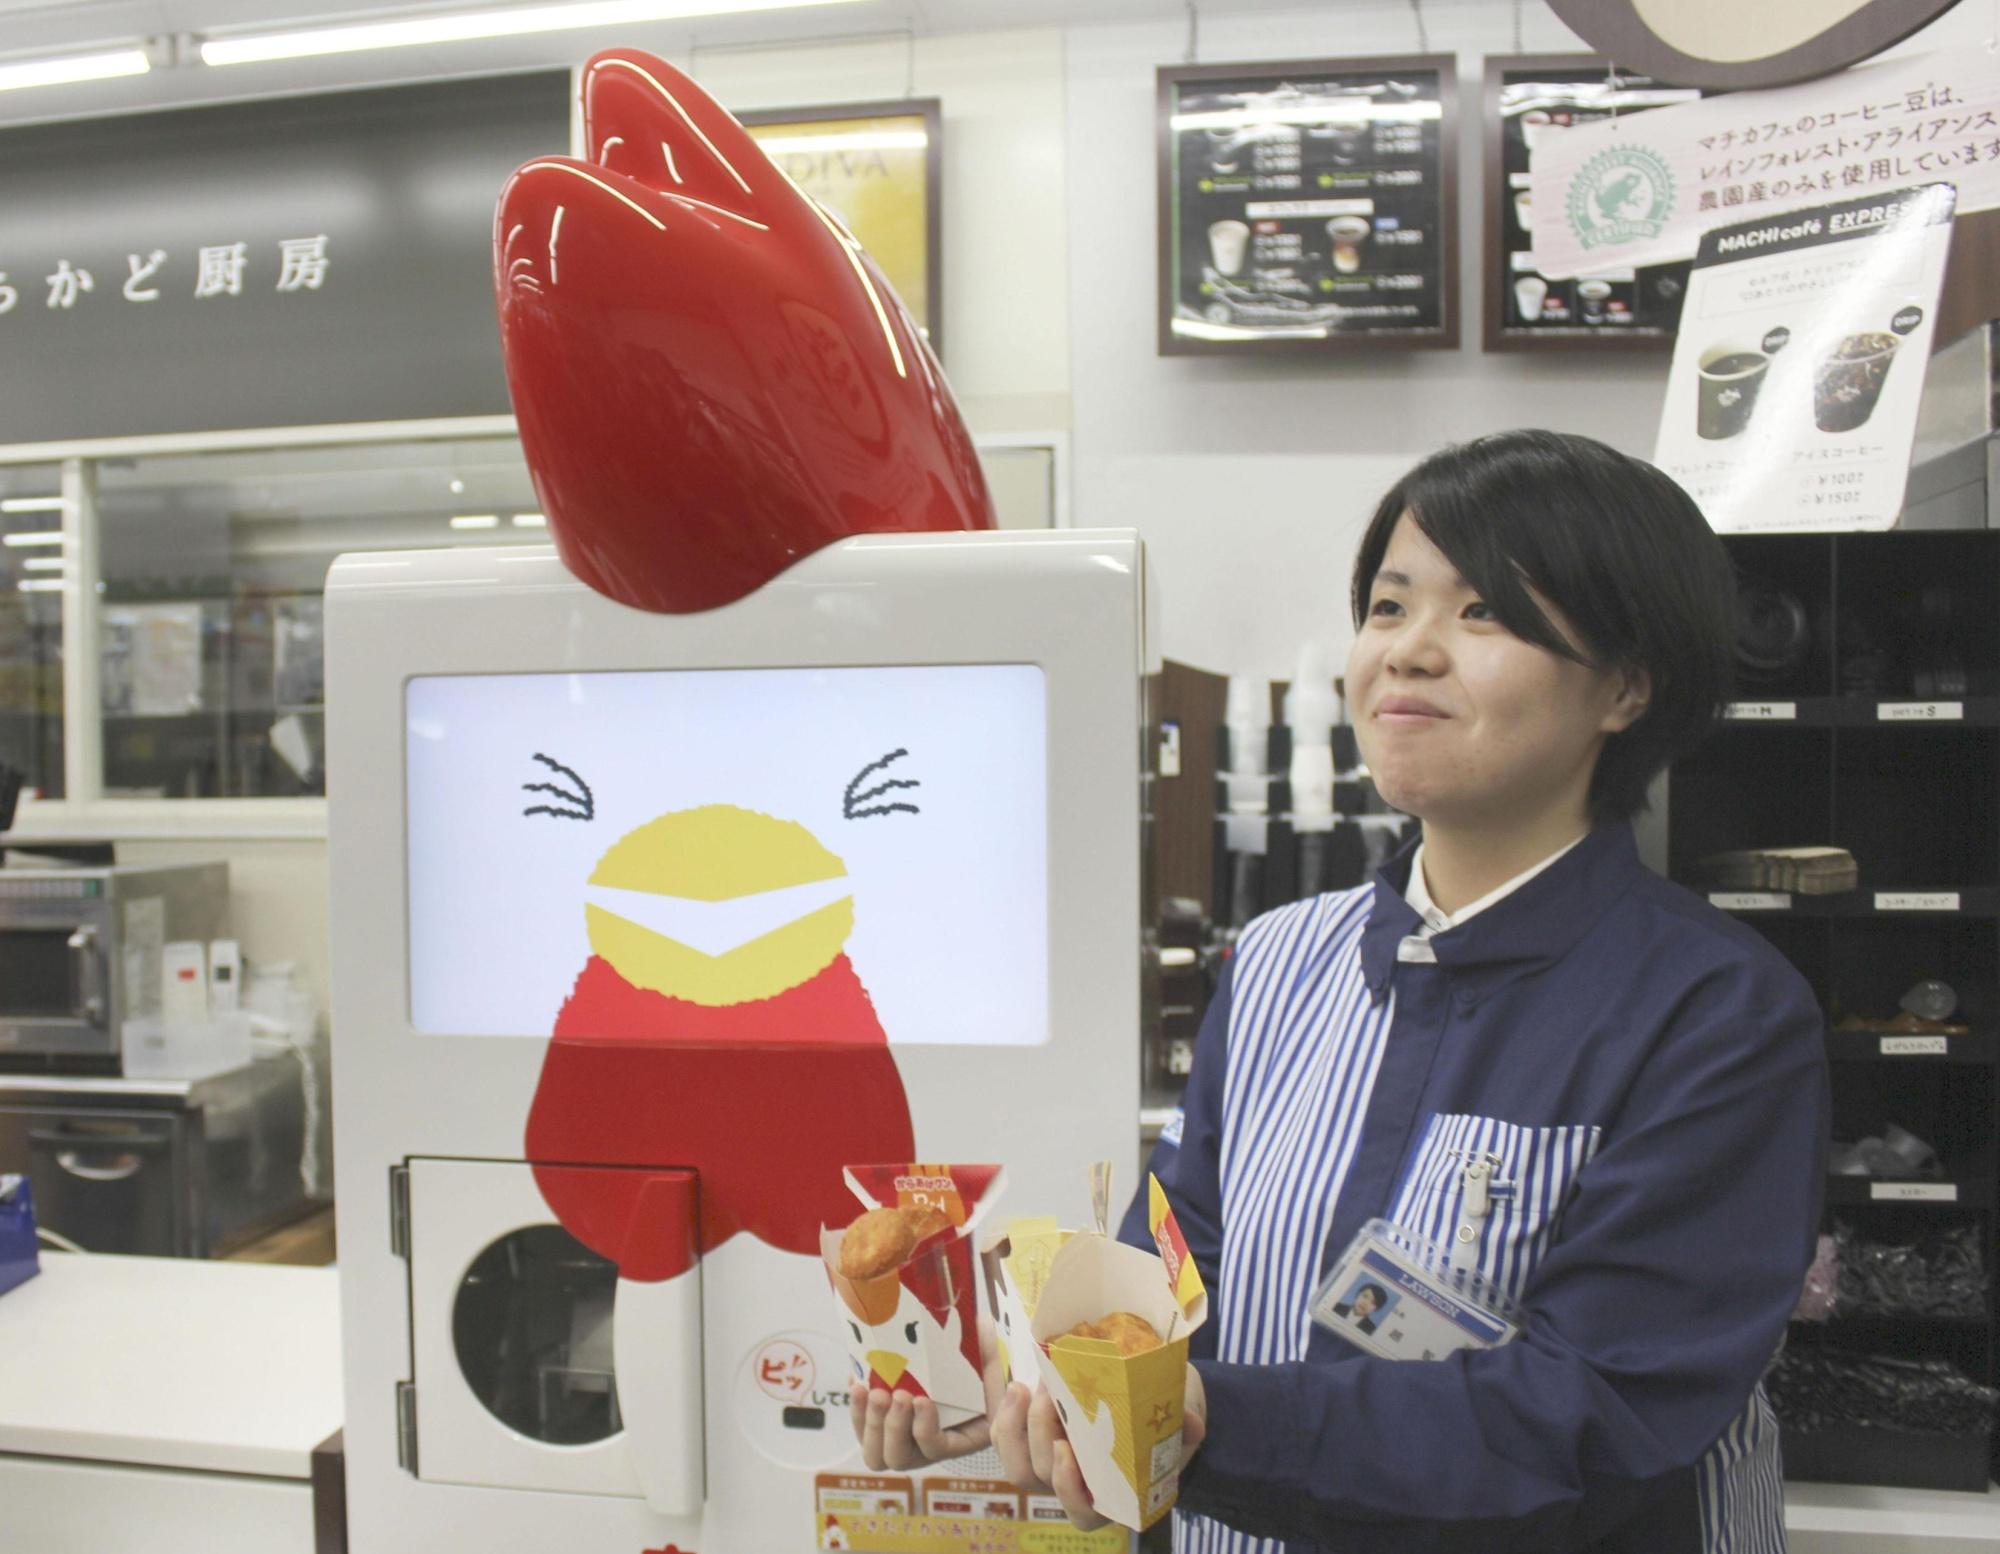 b lawson a 20181212 - Un robot pour des poulets frits